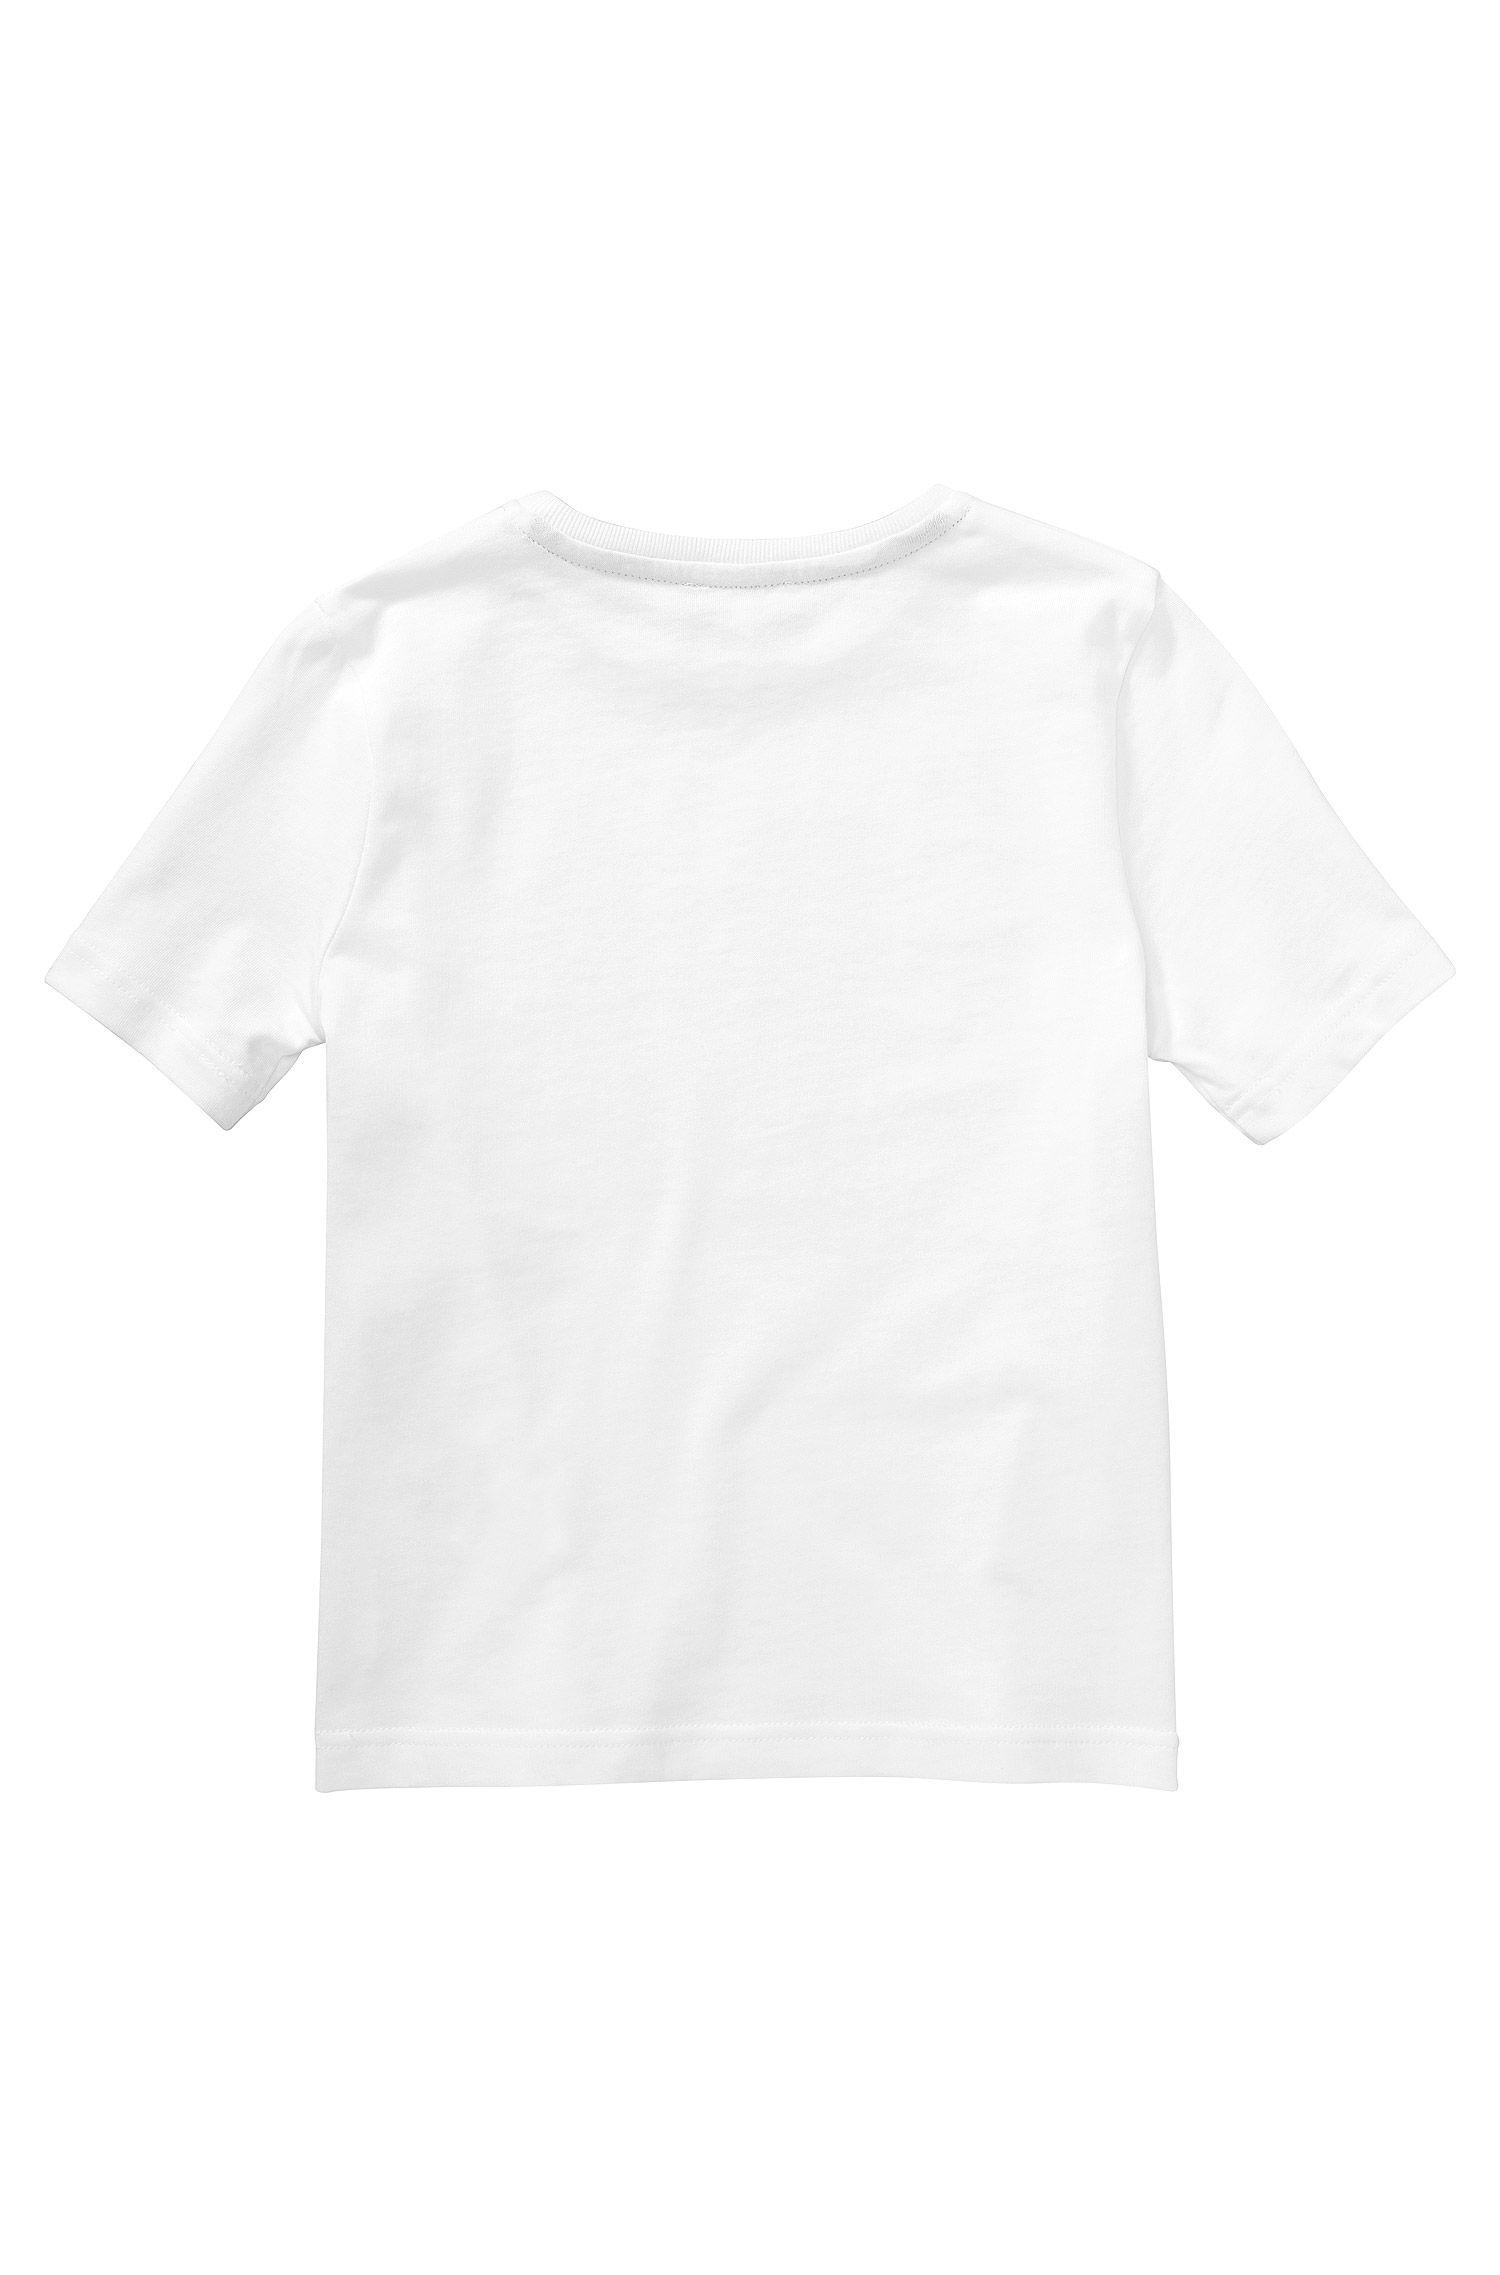 Kinder-T-shirt 'J25796' van katoen